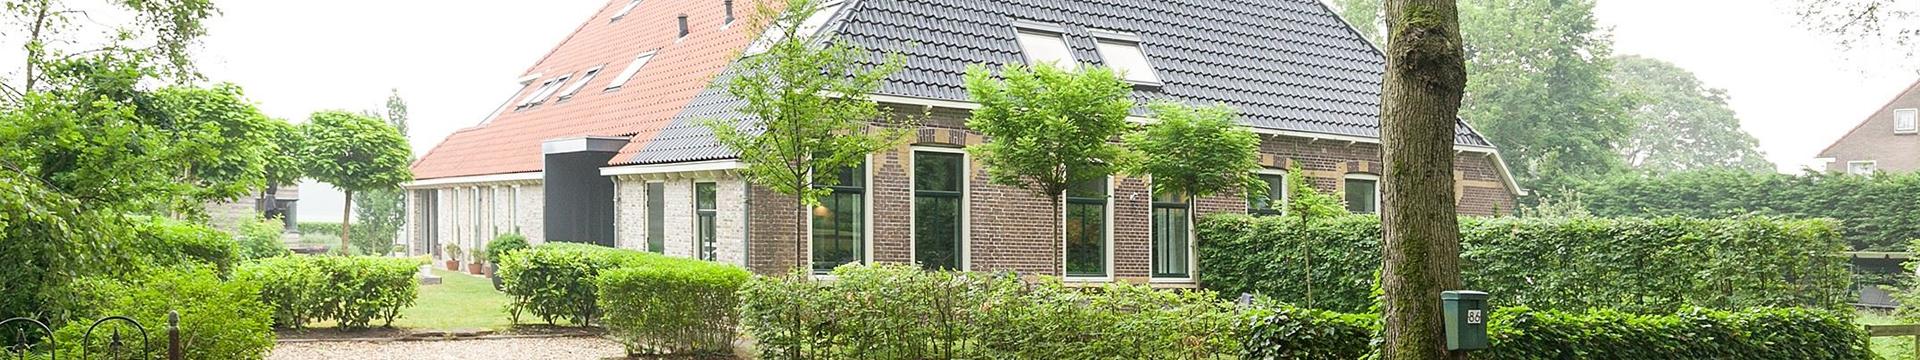 Aankoop woonboerderij Friesland